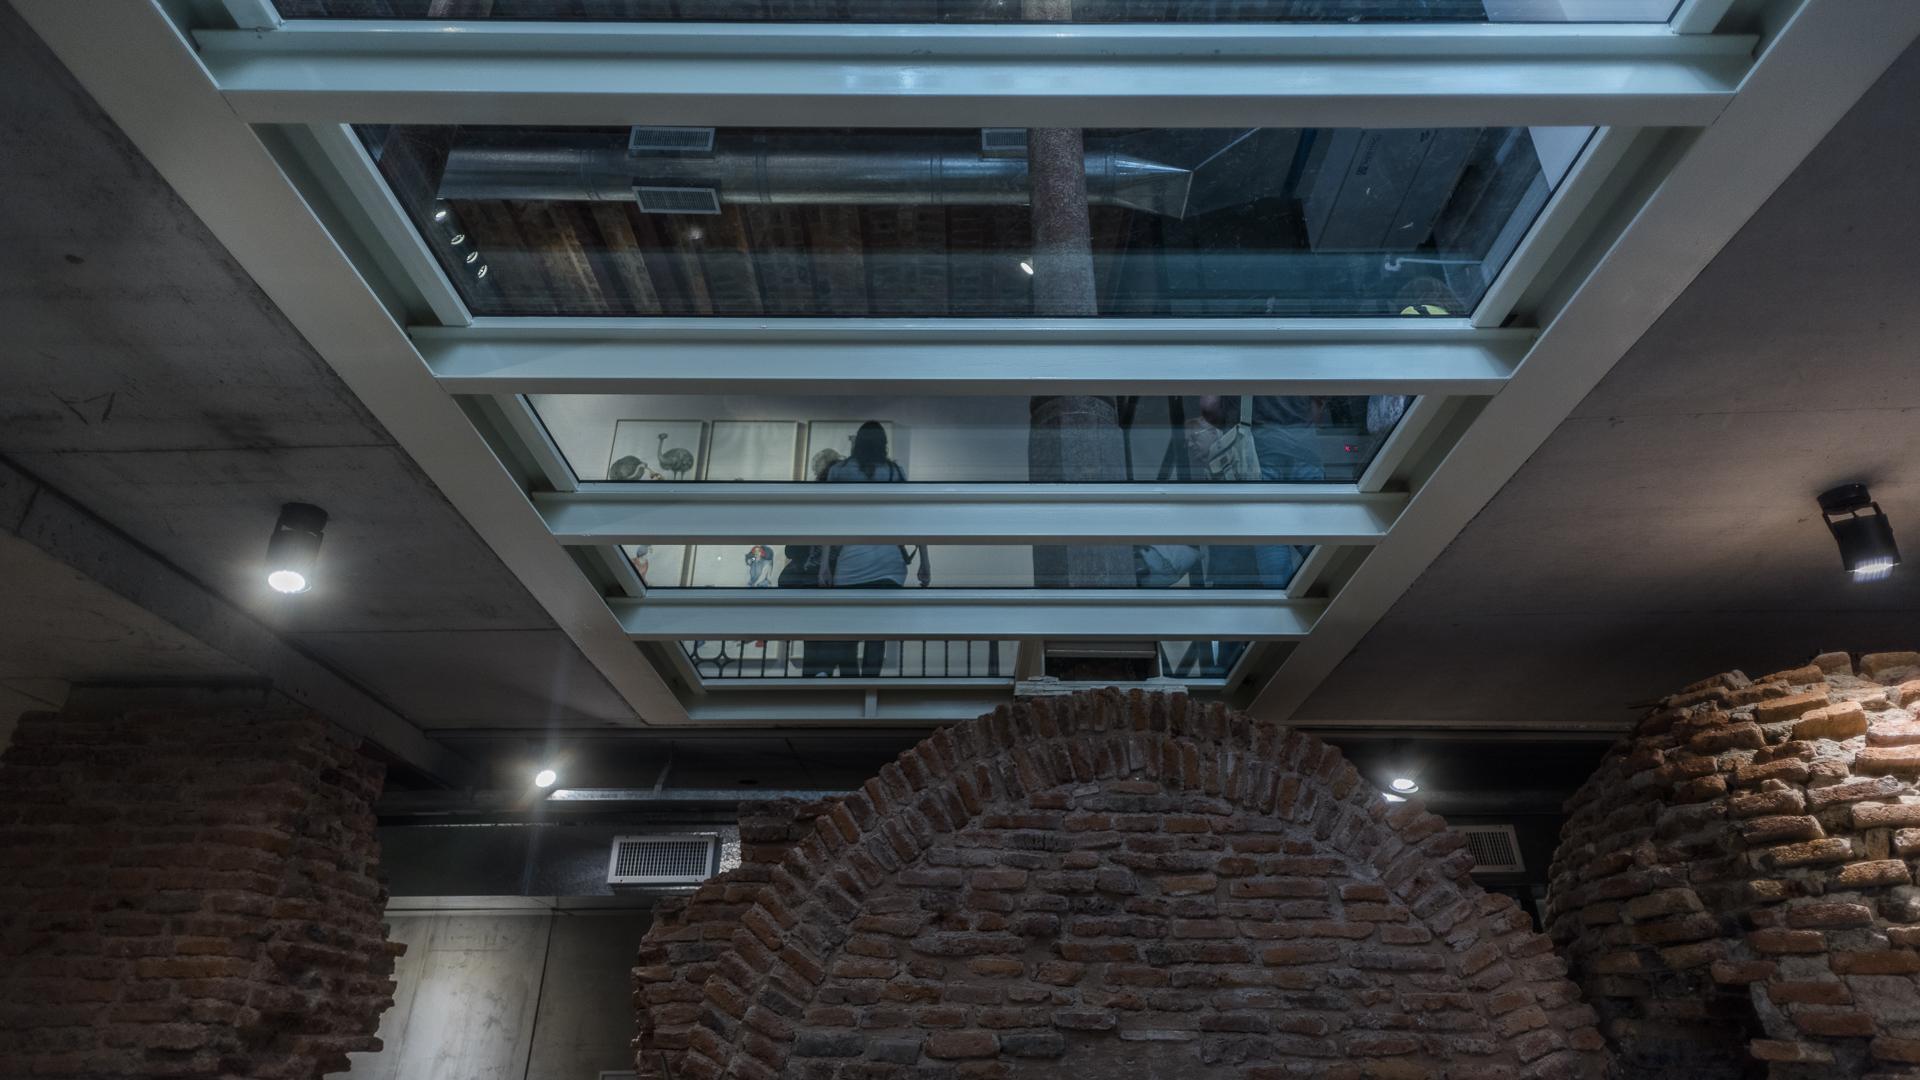 El edificio constituía originalmente un pasaje con entrada por las calles Bolívar y Belgrano, rodeado por viviendas de renta en los pisos superiores y locales comerciales en planta baja